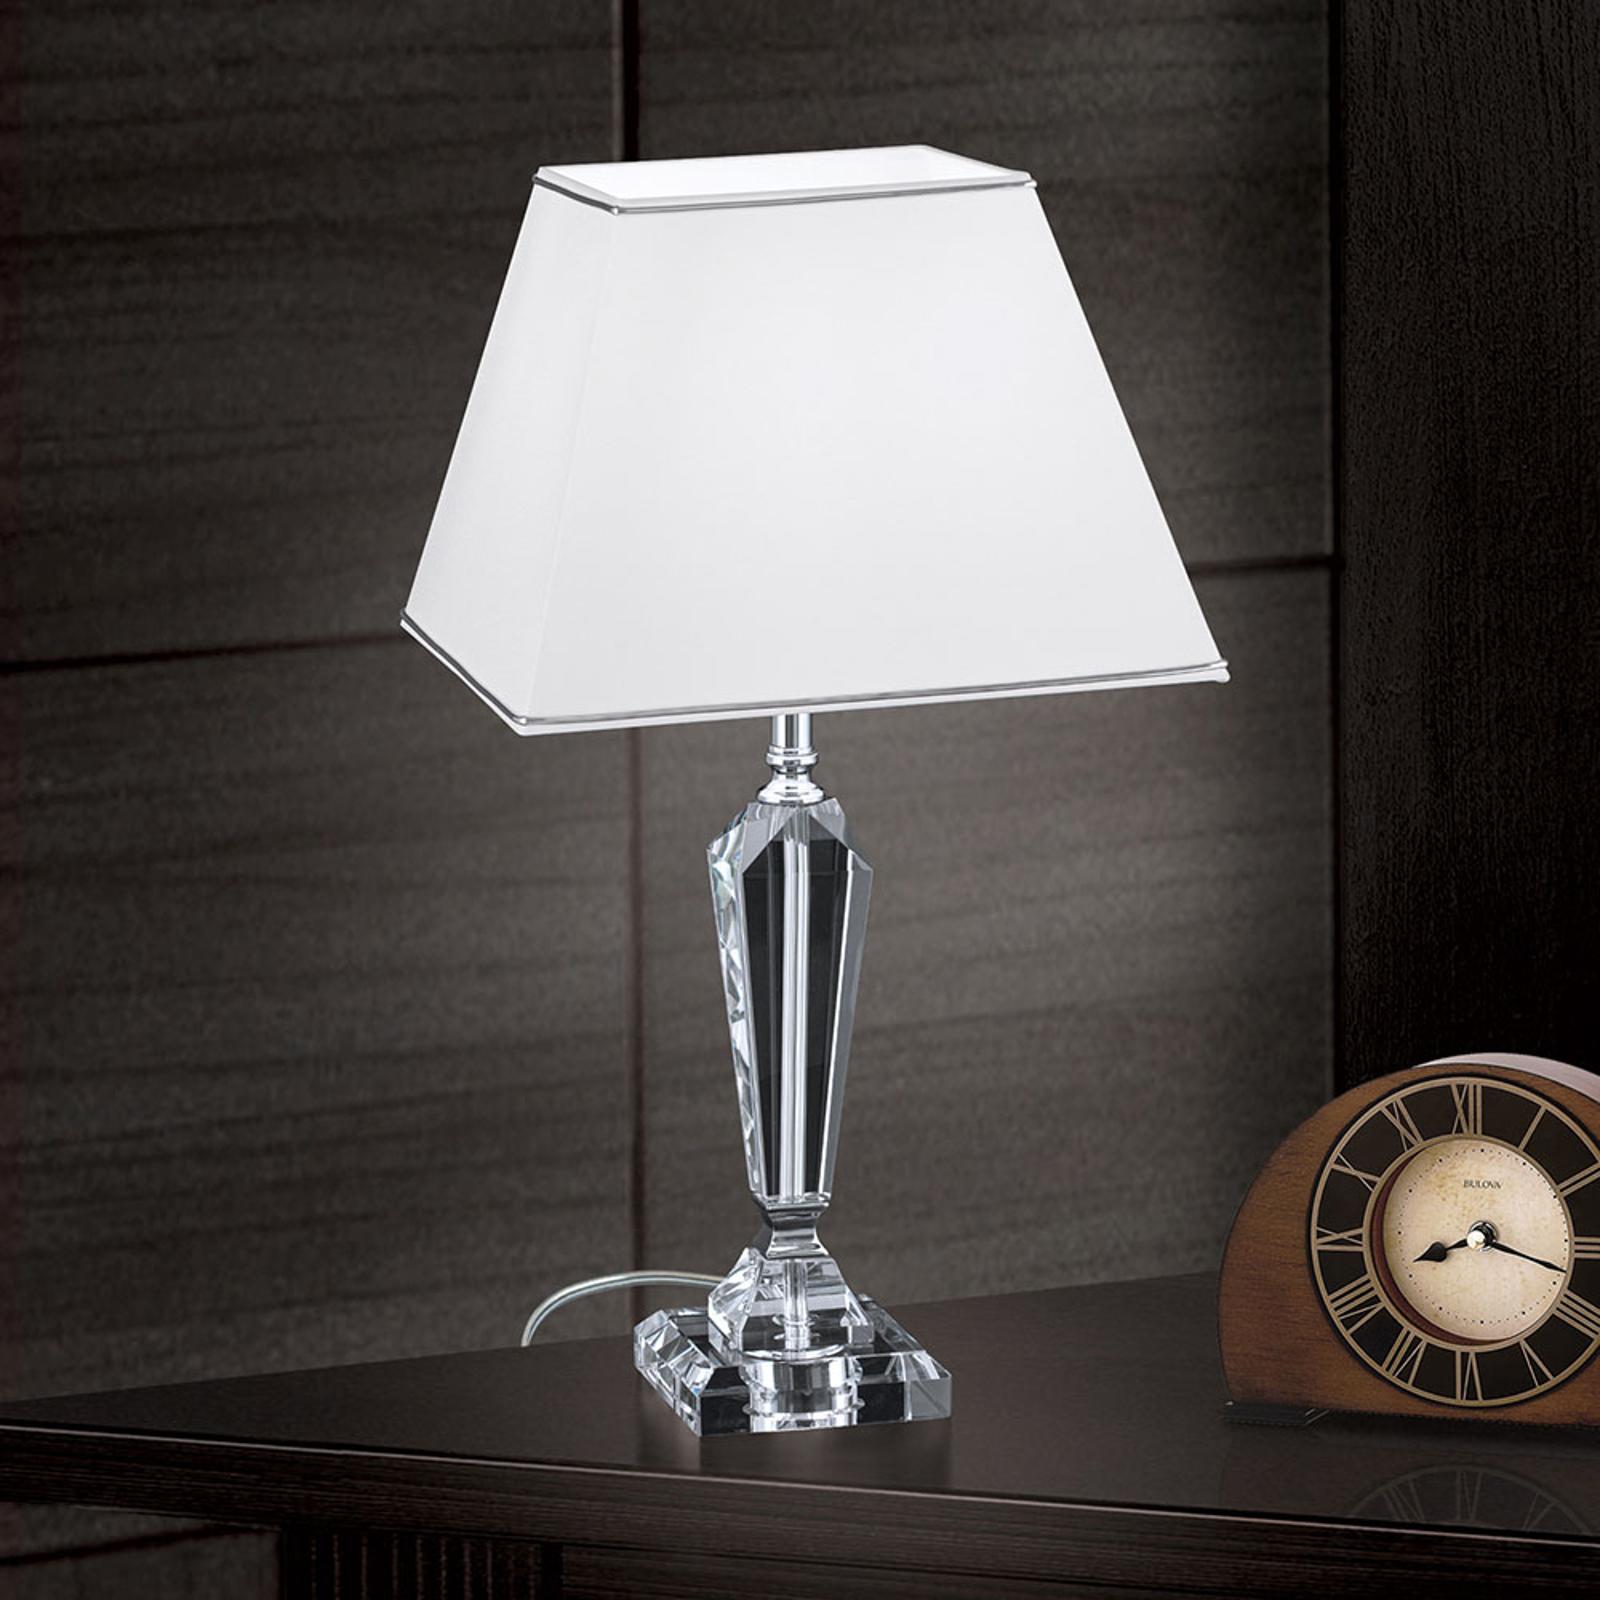 Tafellamp Veronique, voet smal, wit/chroom